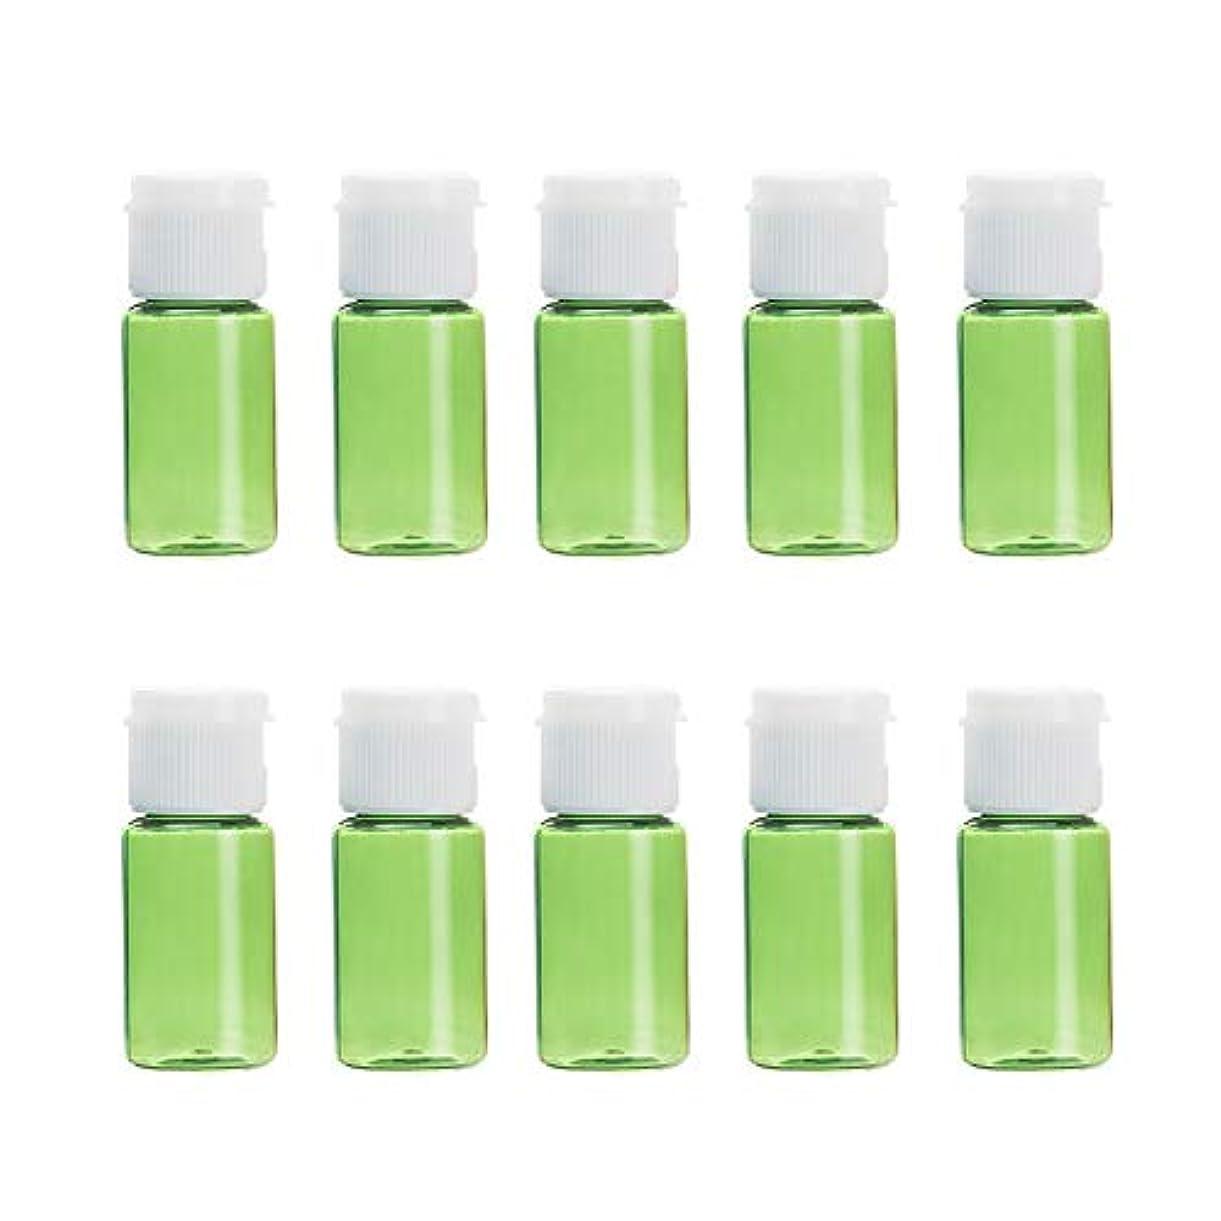 中毒まどろみのあるブローホールVi.yo 小分けボトル 香水ボトル 化粧水 詰替用ボトル 携帯用 旅行用品 10ml 10本セット グリーン